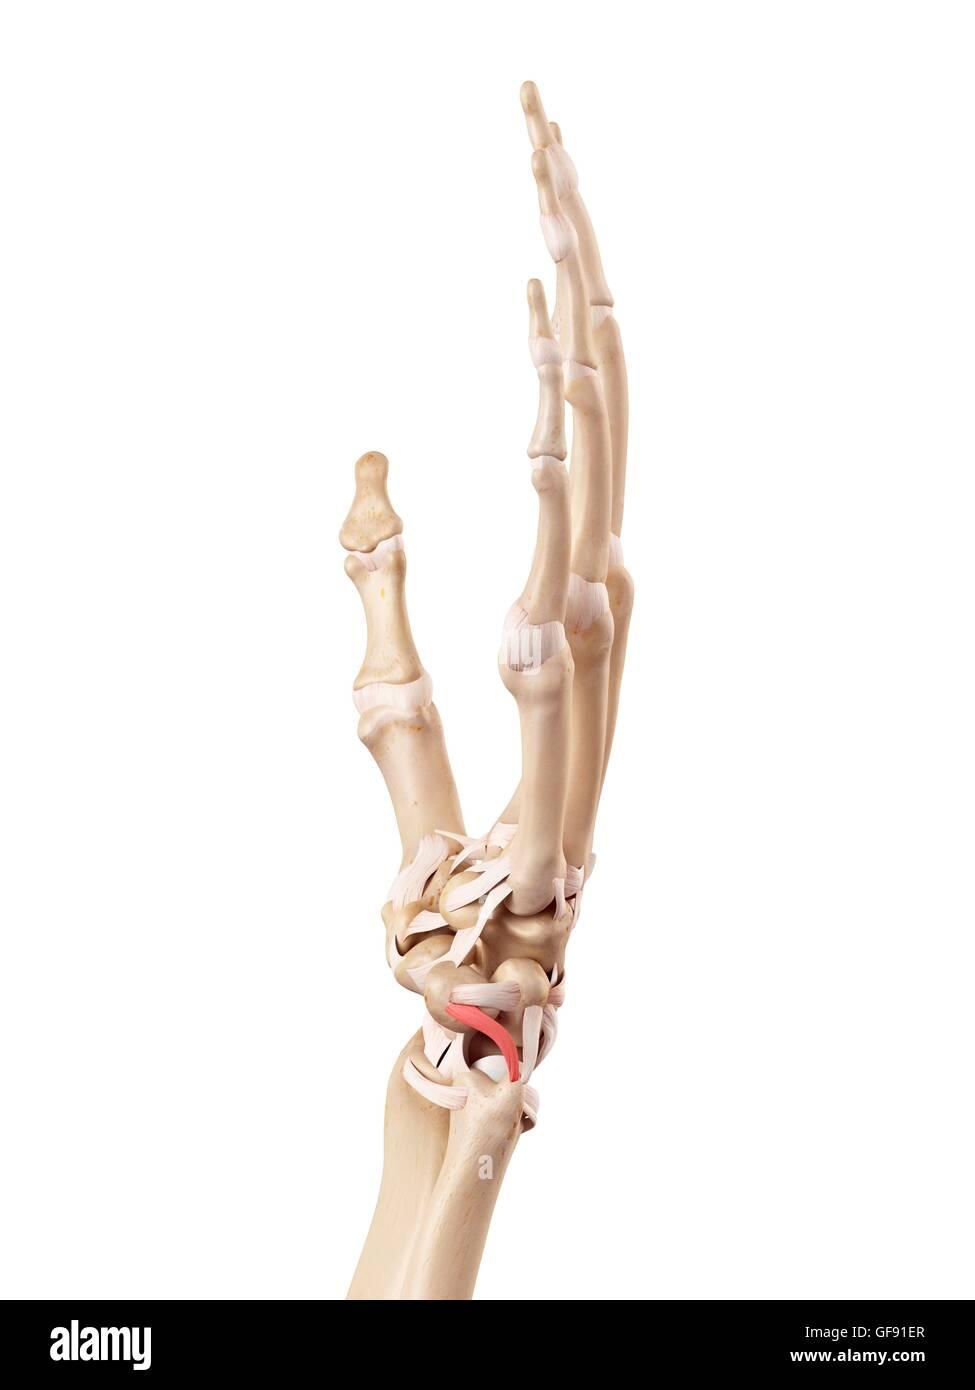 Anatomie der menschlichen Hand, Abbildung Stockfoto, Bild: 112680815 ...